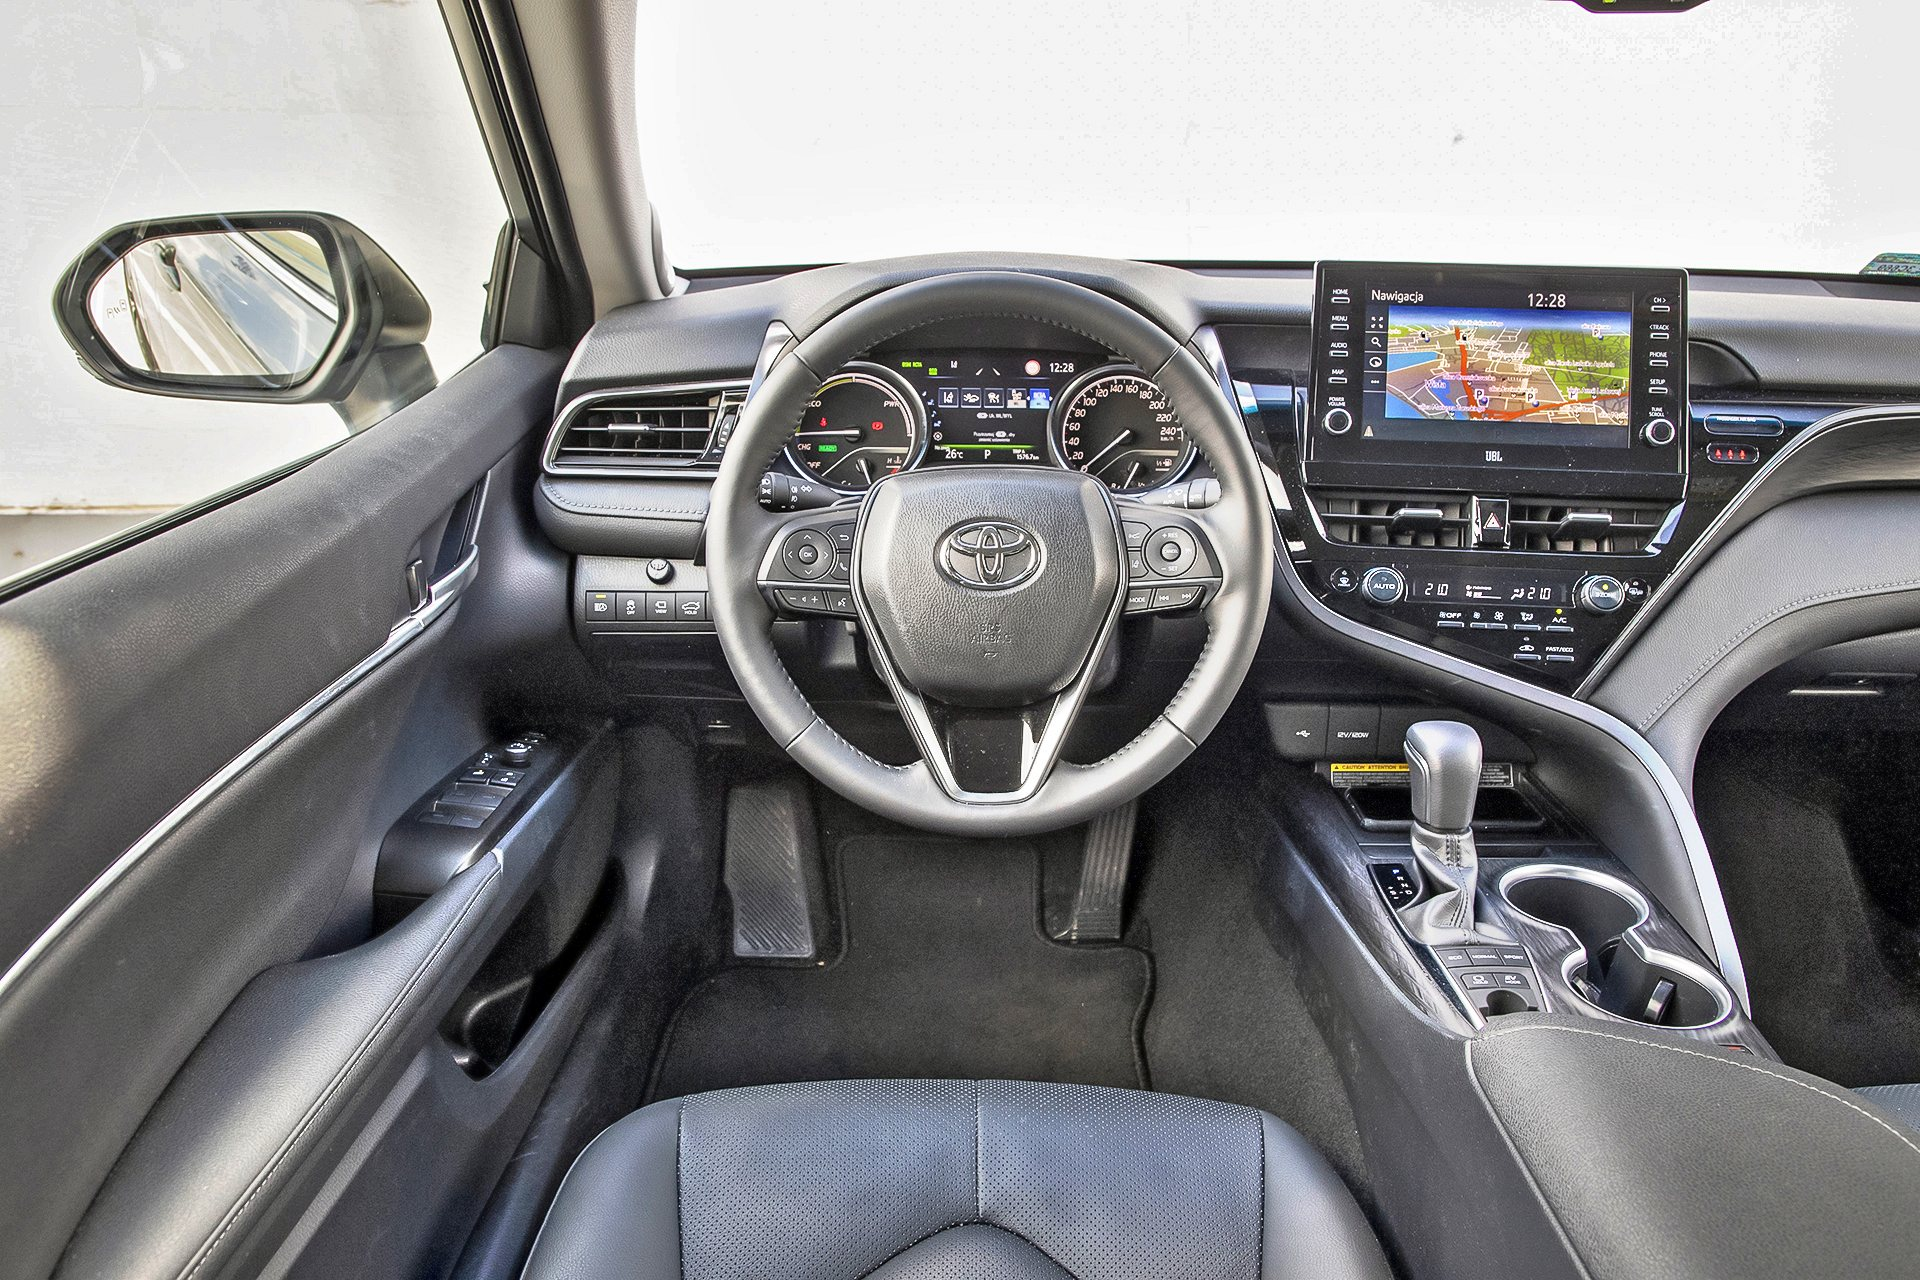 2021 Toyota Camry 2.5 Hybrid - deska rozdzielcza